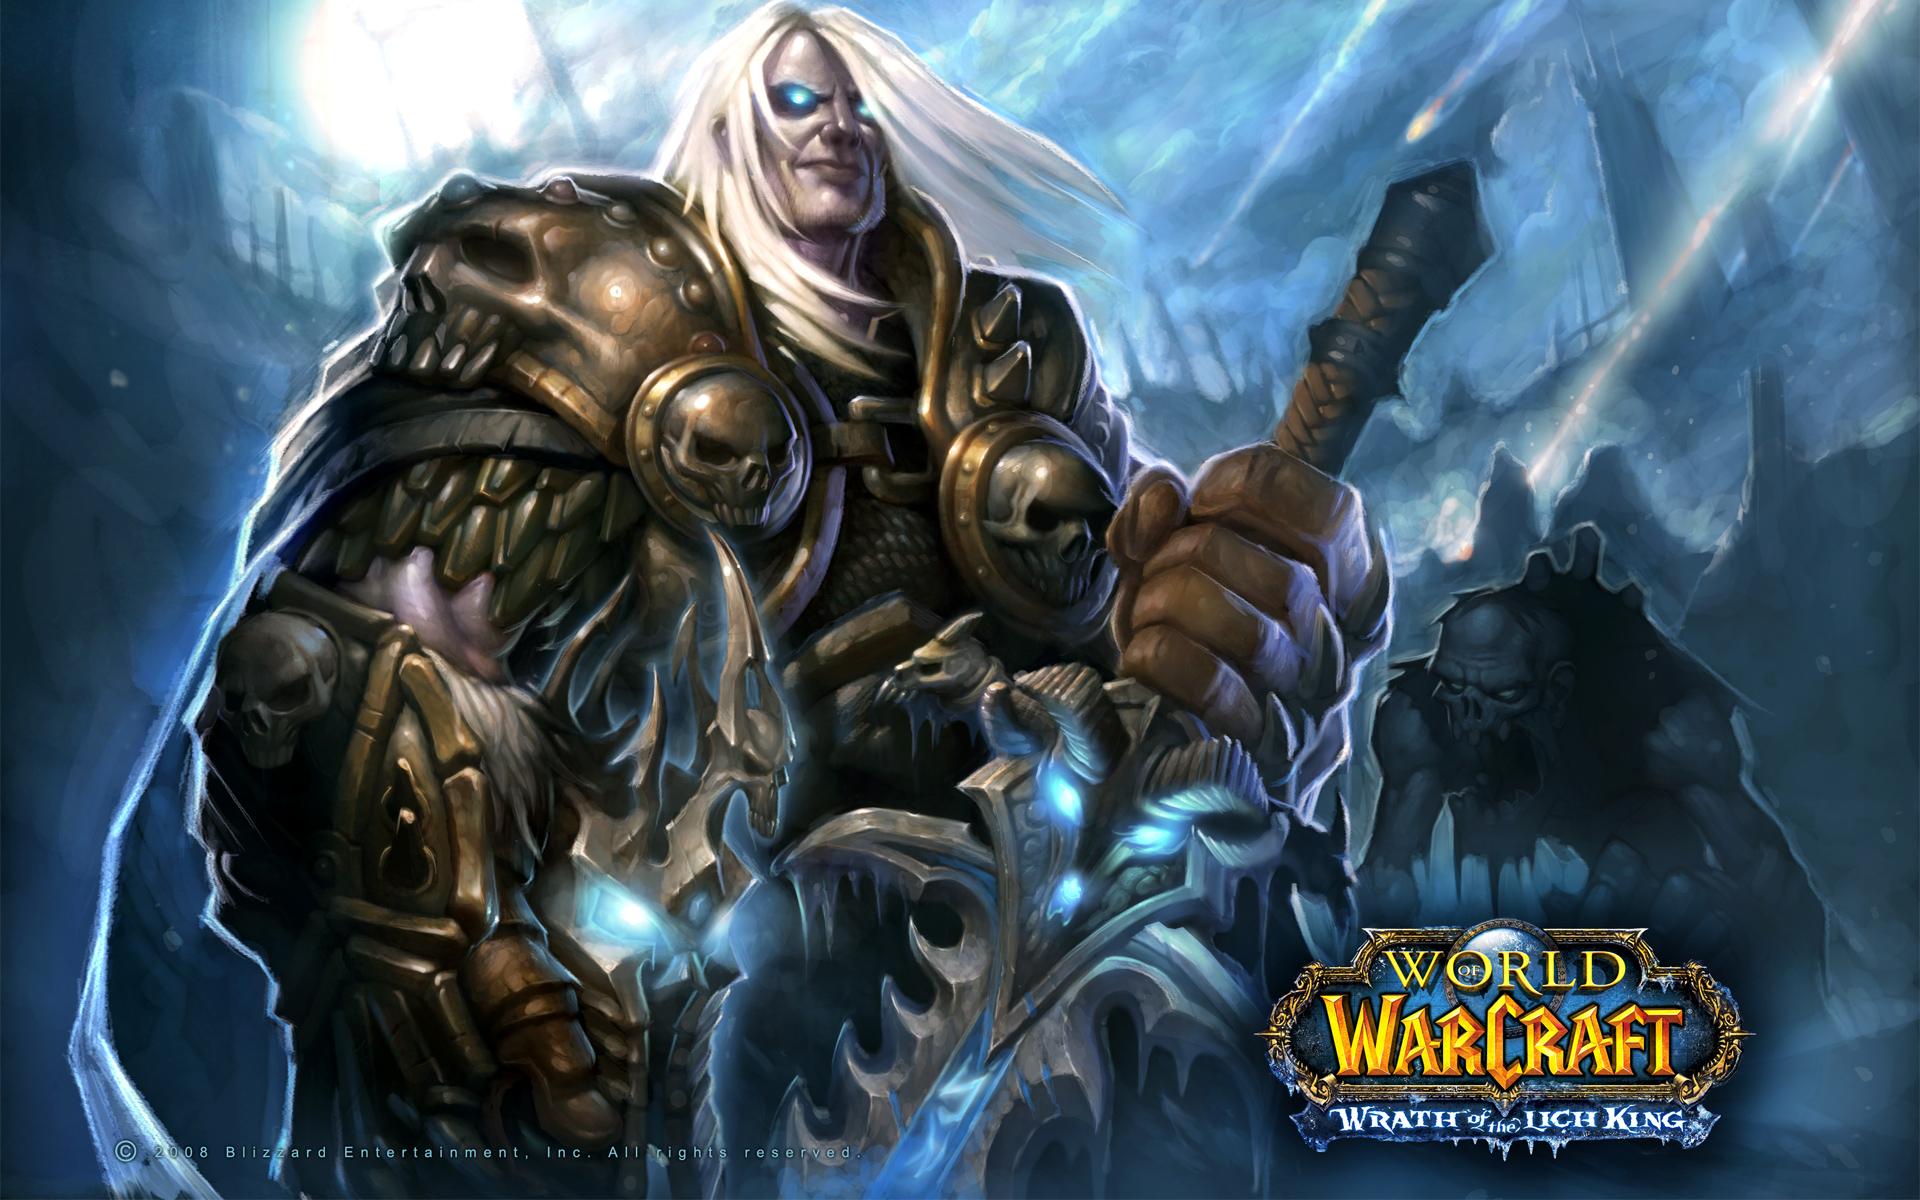 46 Warcraft Hd Wallpapers On Wallpapersafari